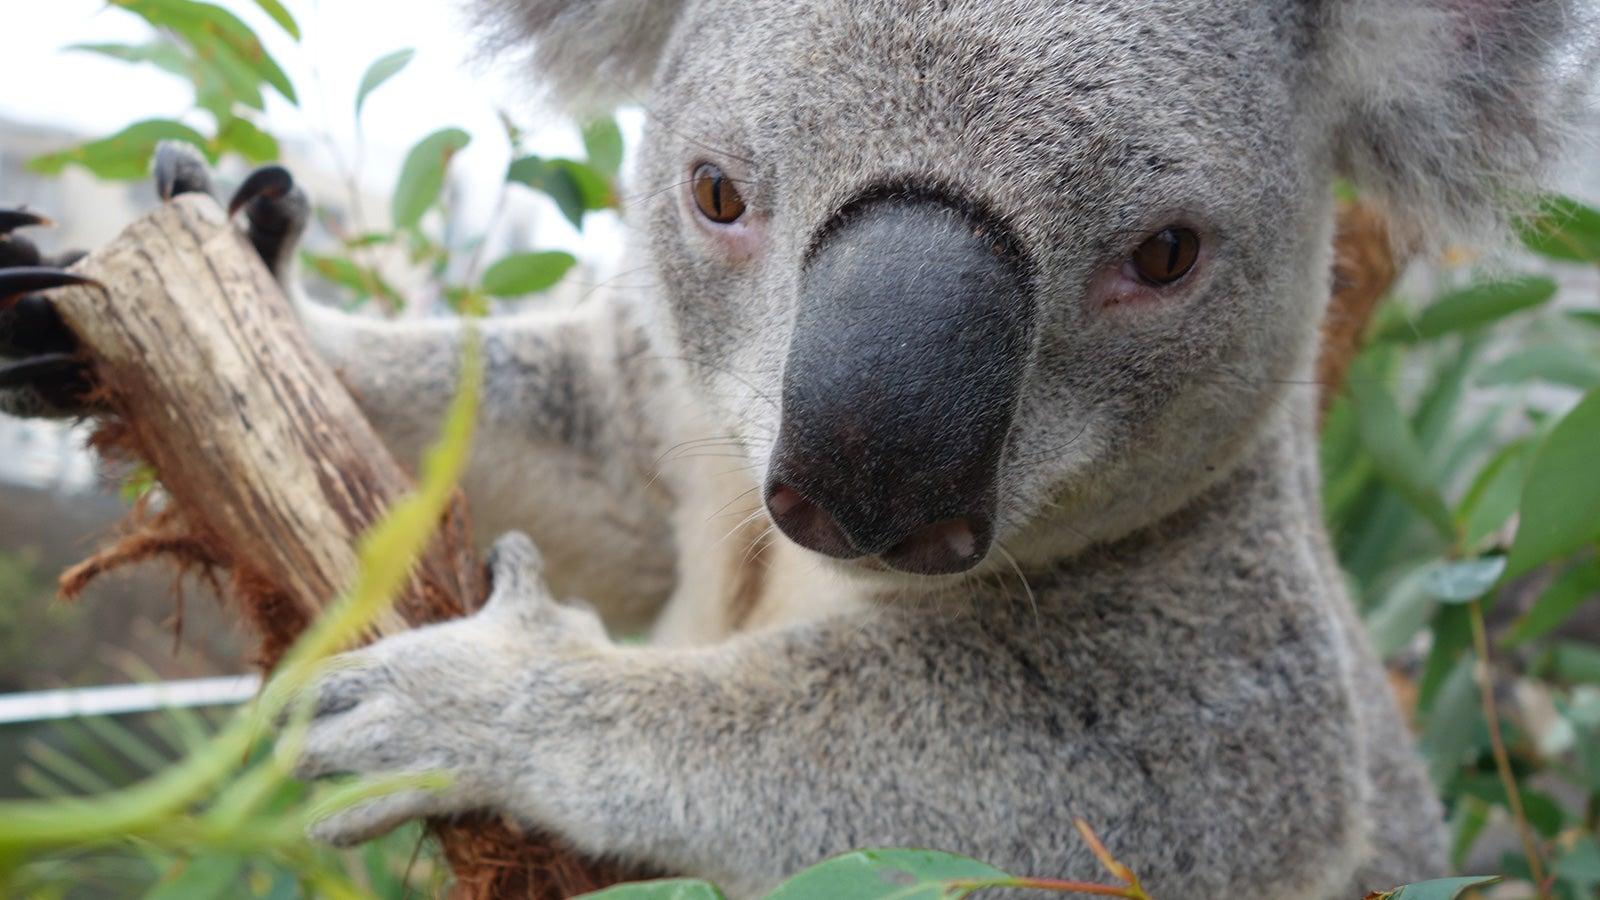 Sony   One of the cute koala selfies   Devotion